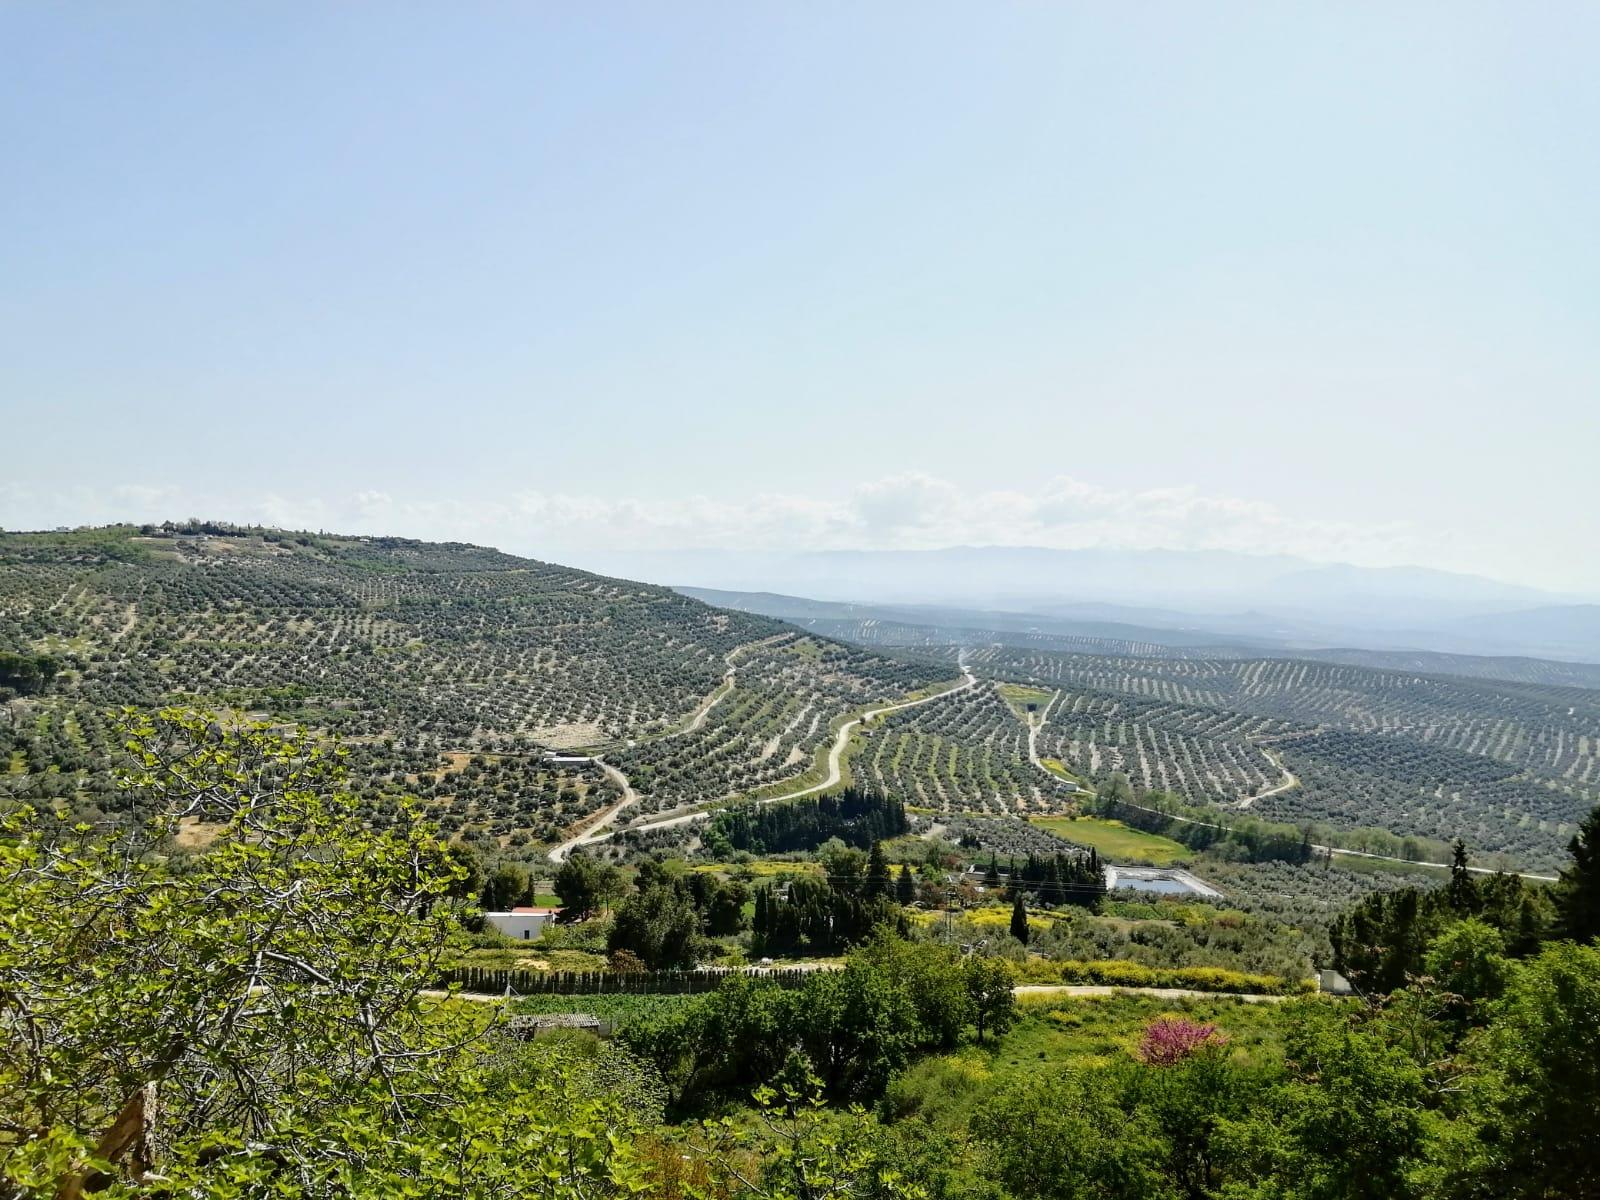 ASAJA-Jaén considera acertada la corrección del aforo, pero ve recomendable esperar a ver los rendimientos de los aceites verdes